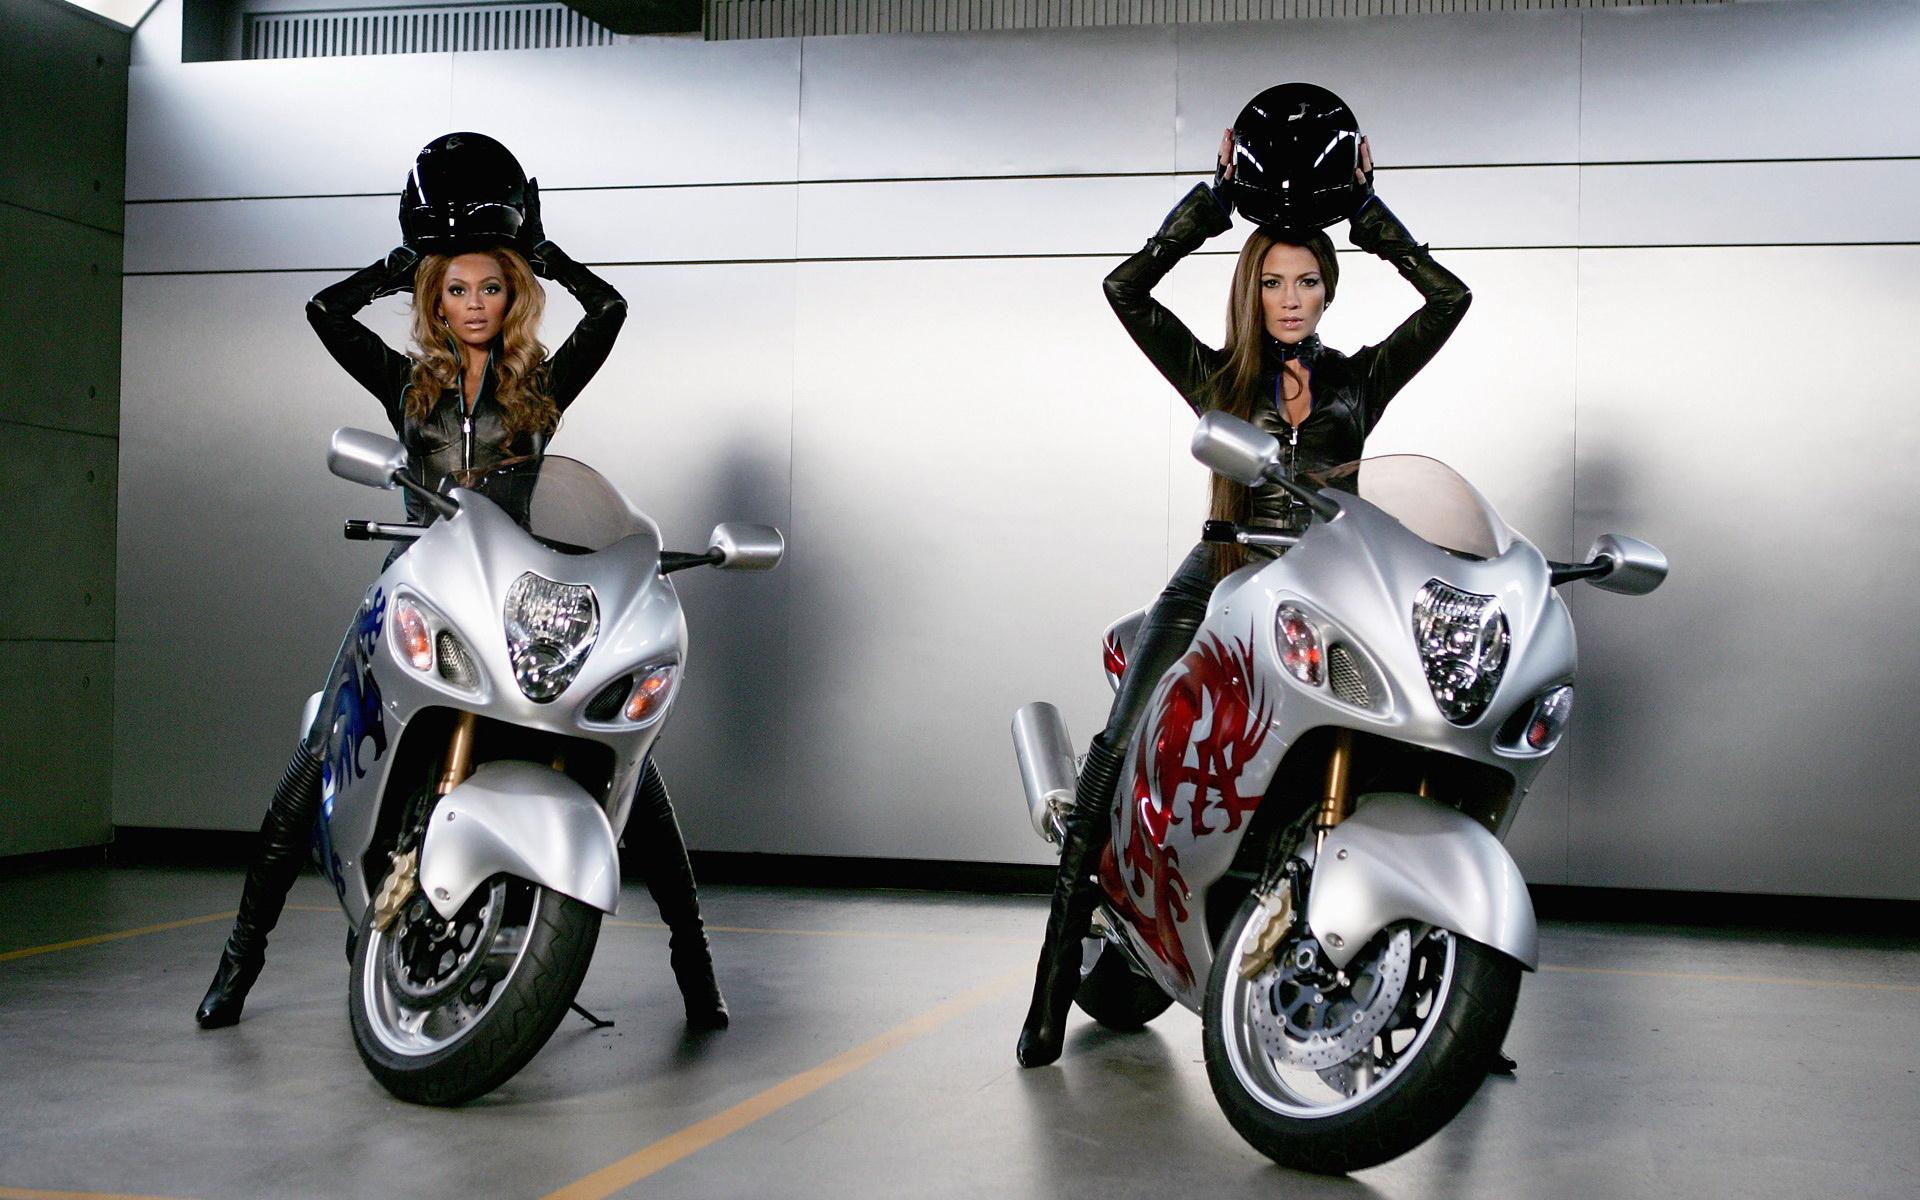 [47+] Motorcycle Girls Wallpapers on WallpaperSafari